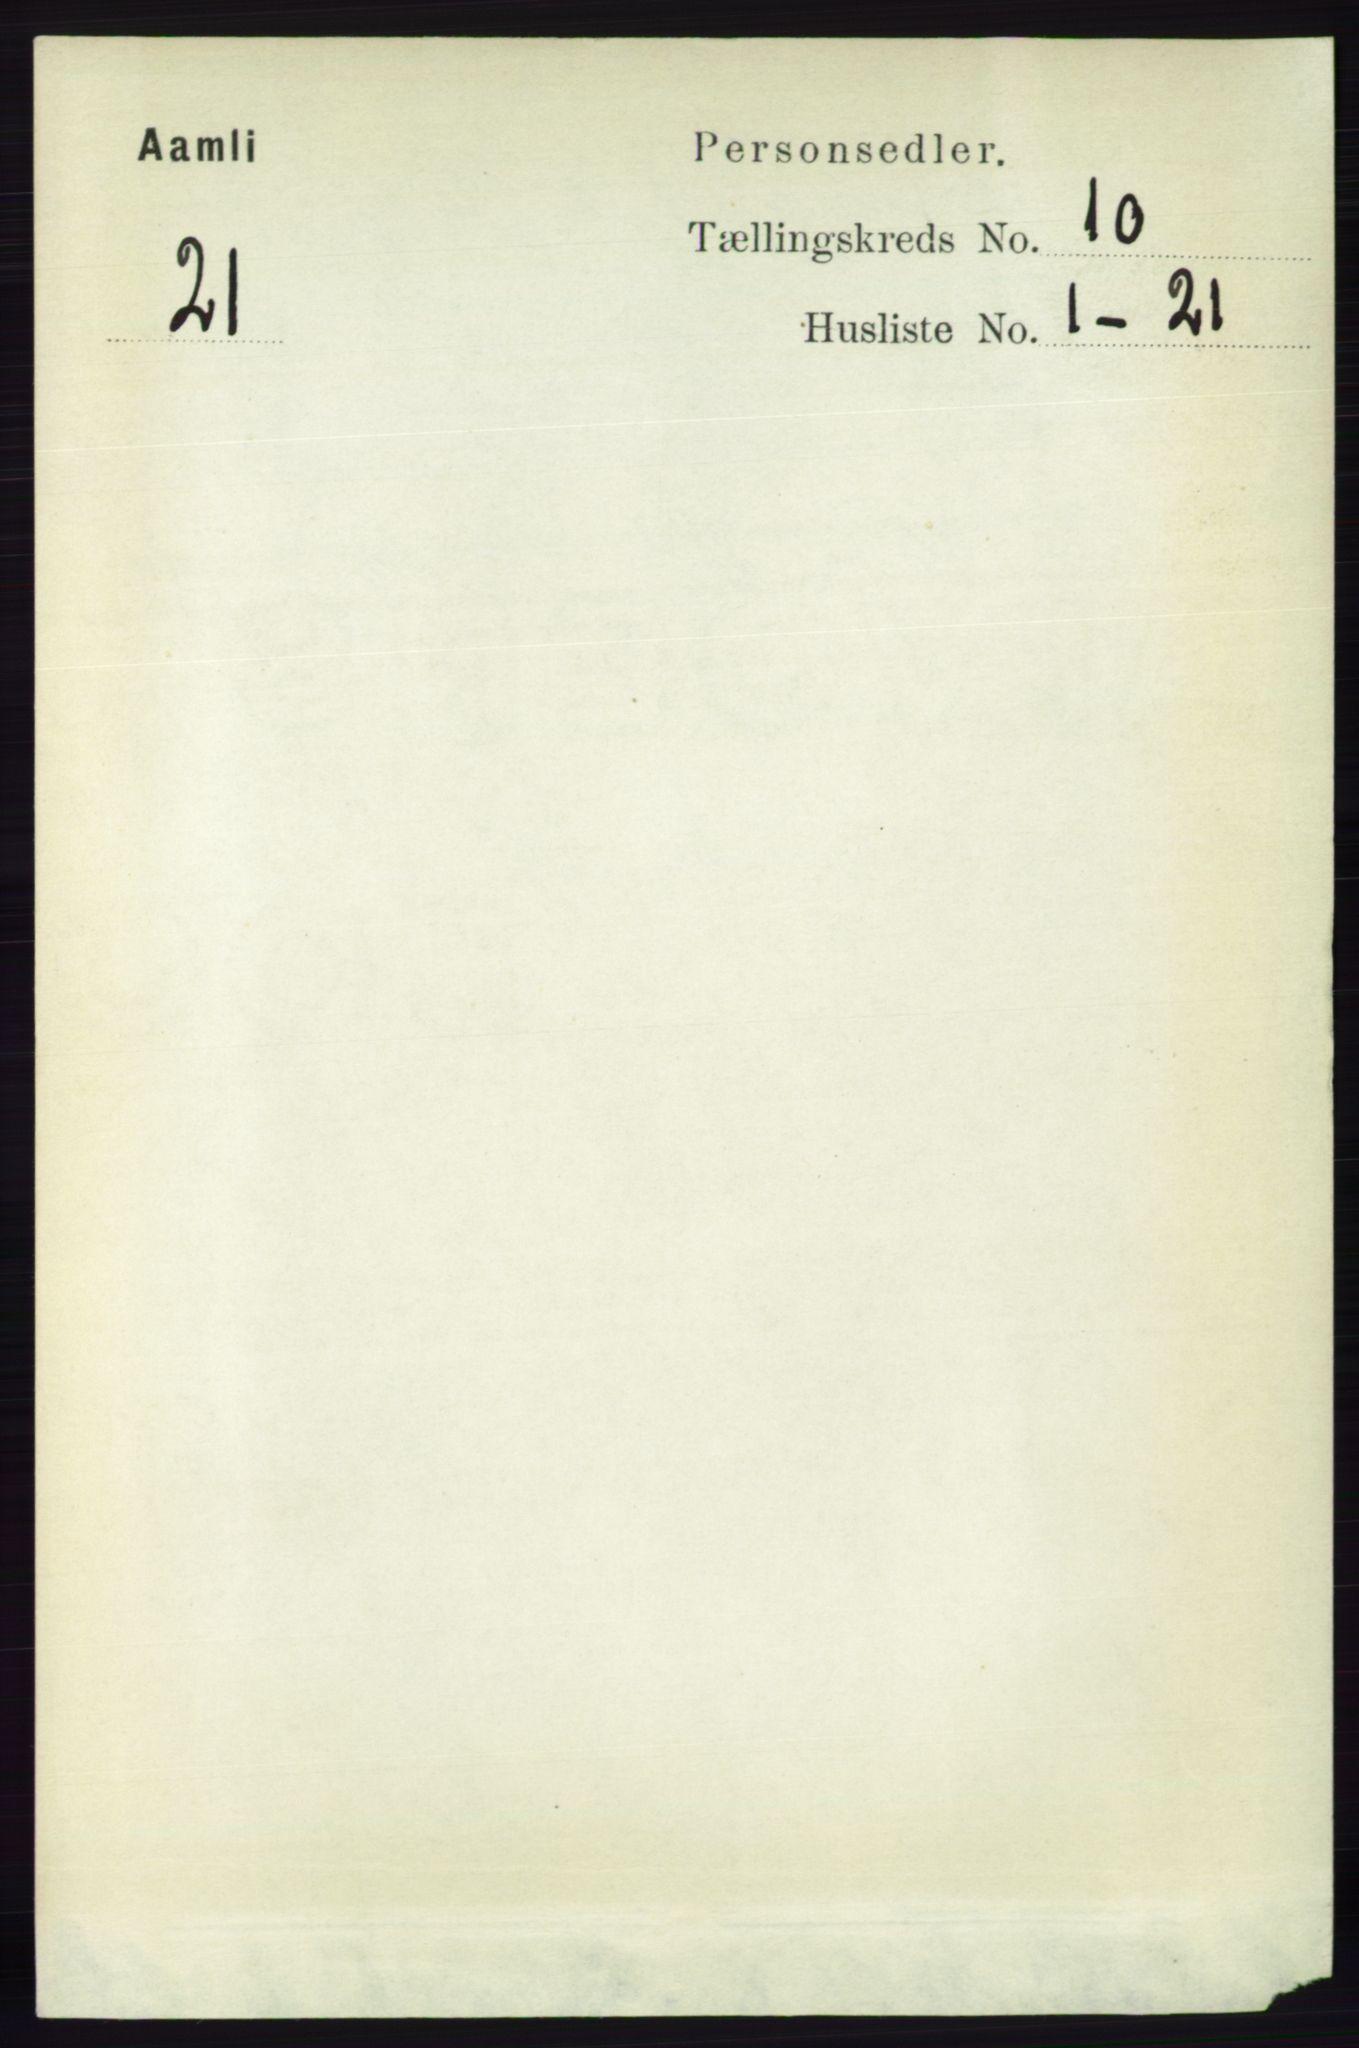 RA, Folketelling 1891 for 0929 Åmli herred, 1891, s. 1668